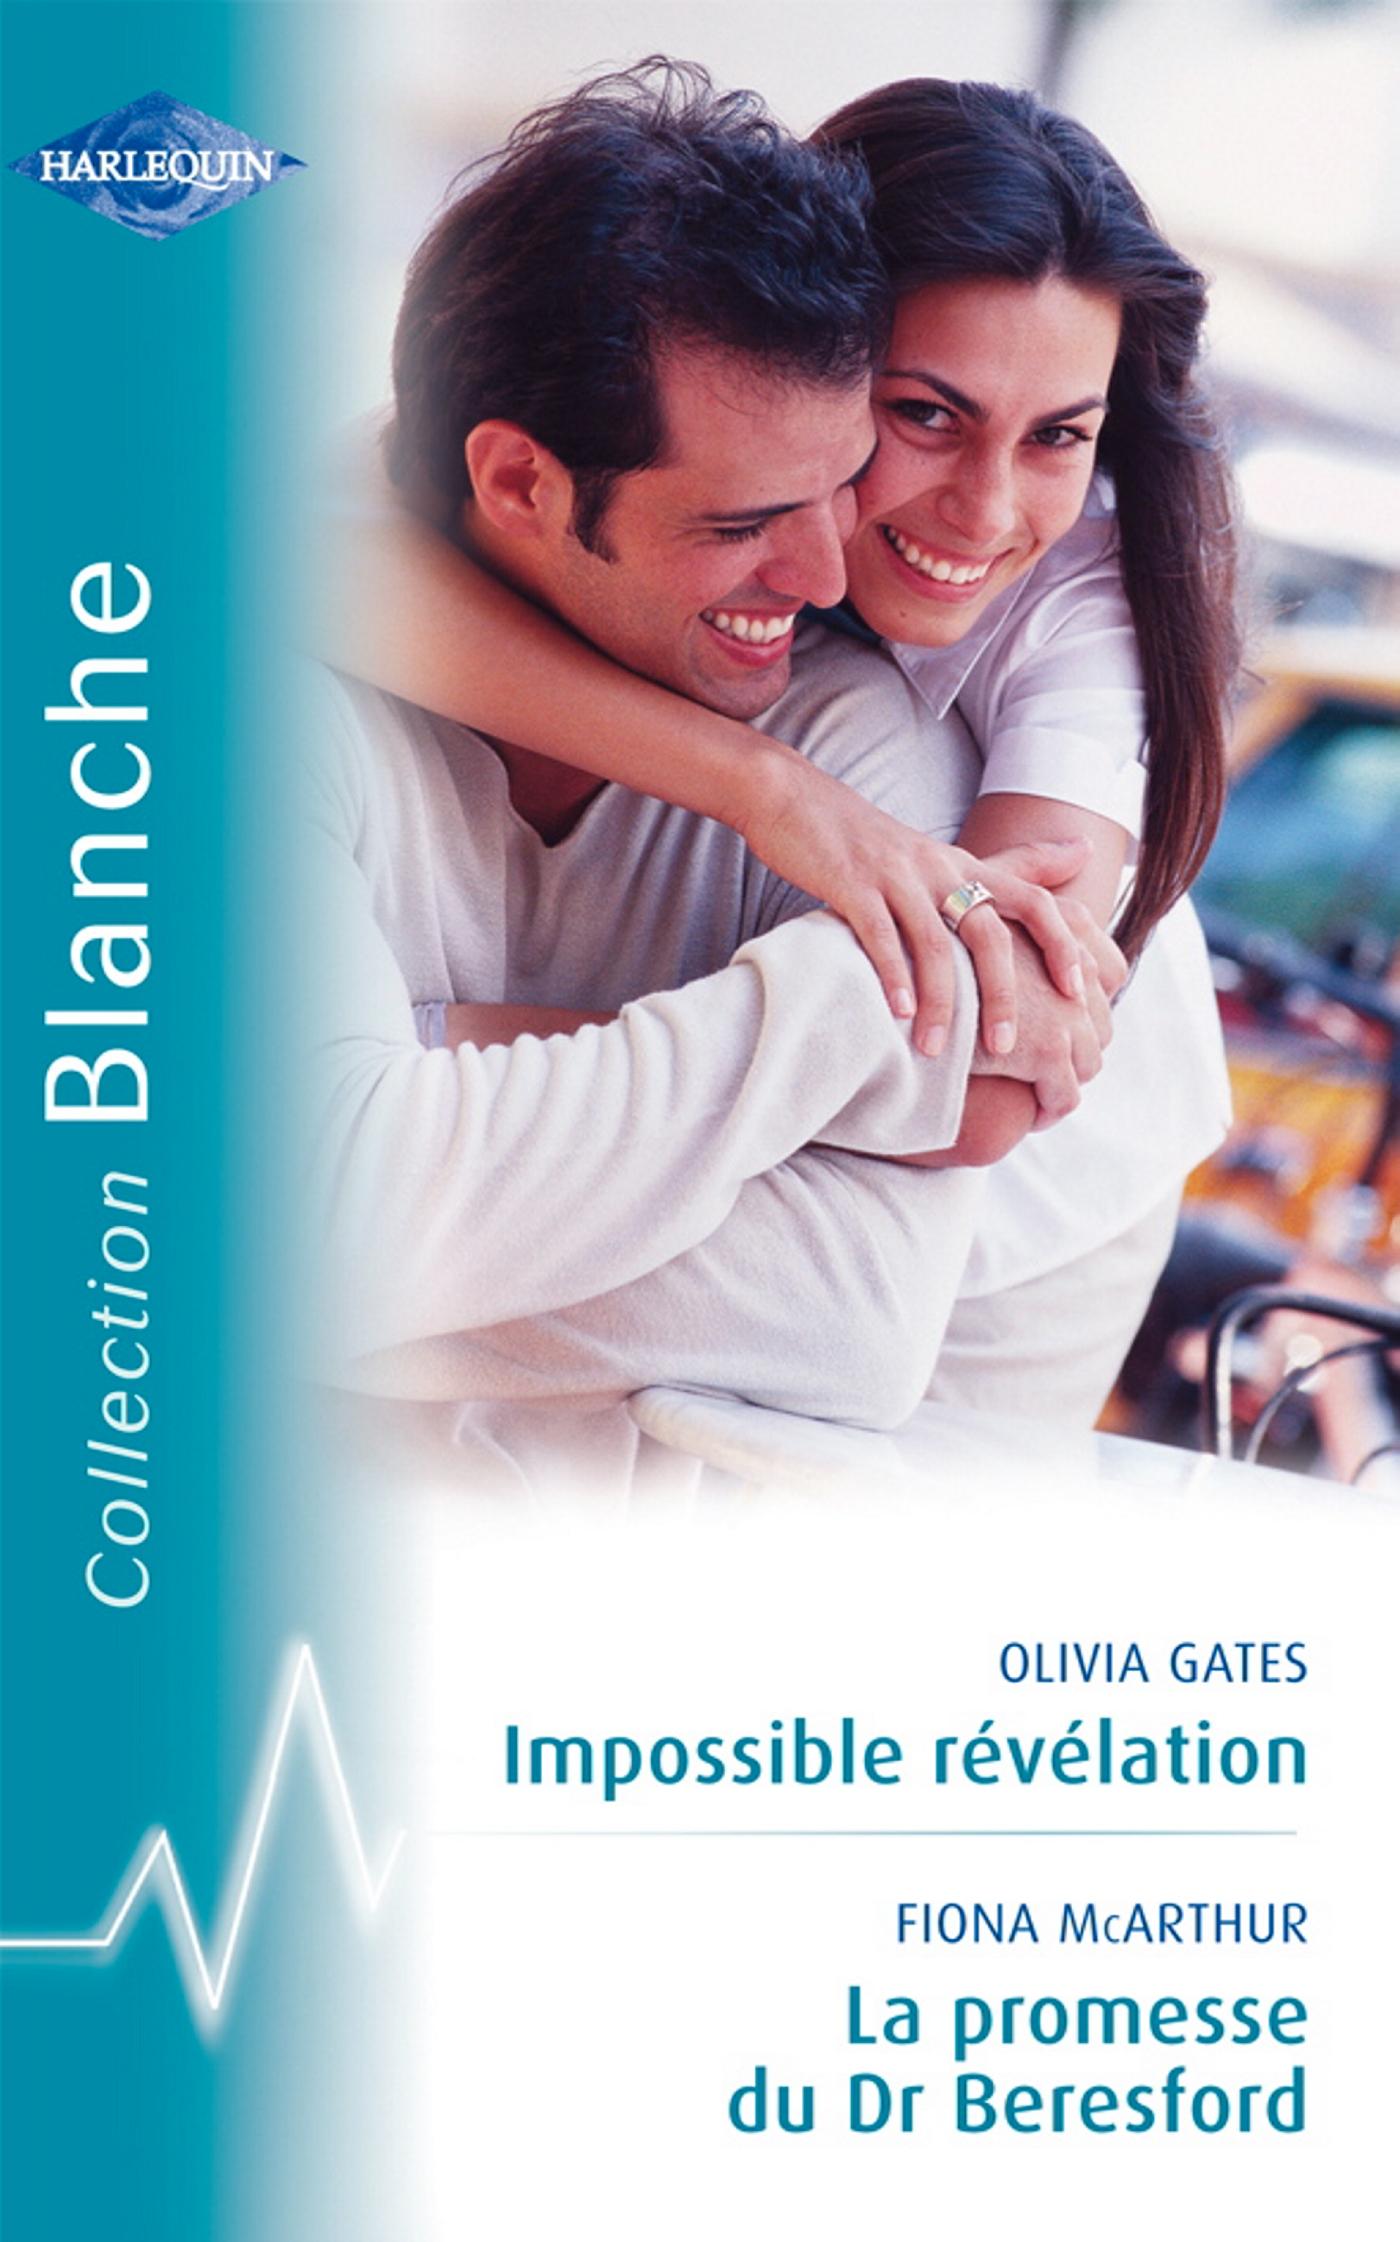 Impossible révélation / La promesse du Dr Beresford